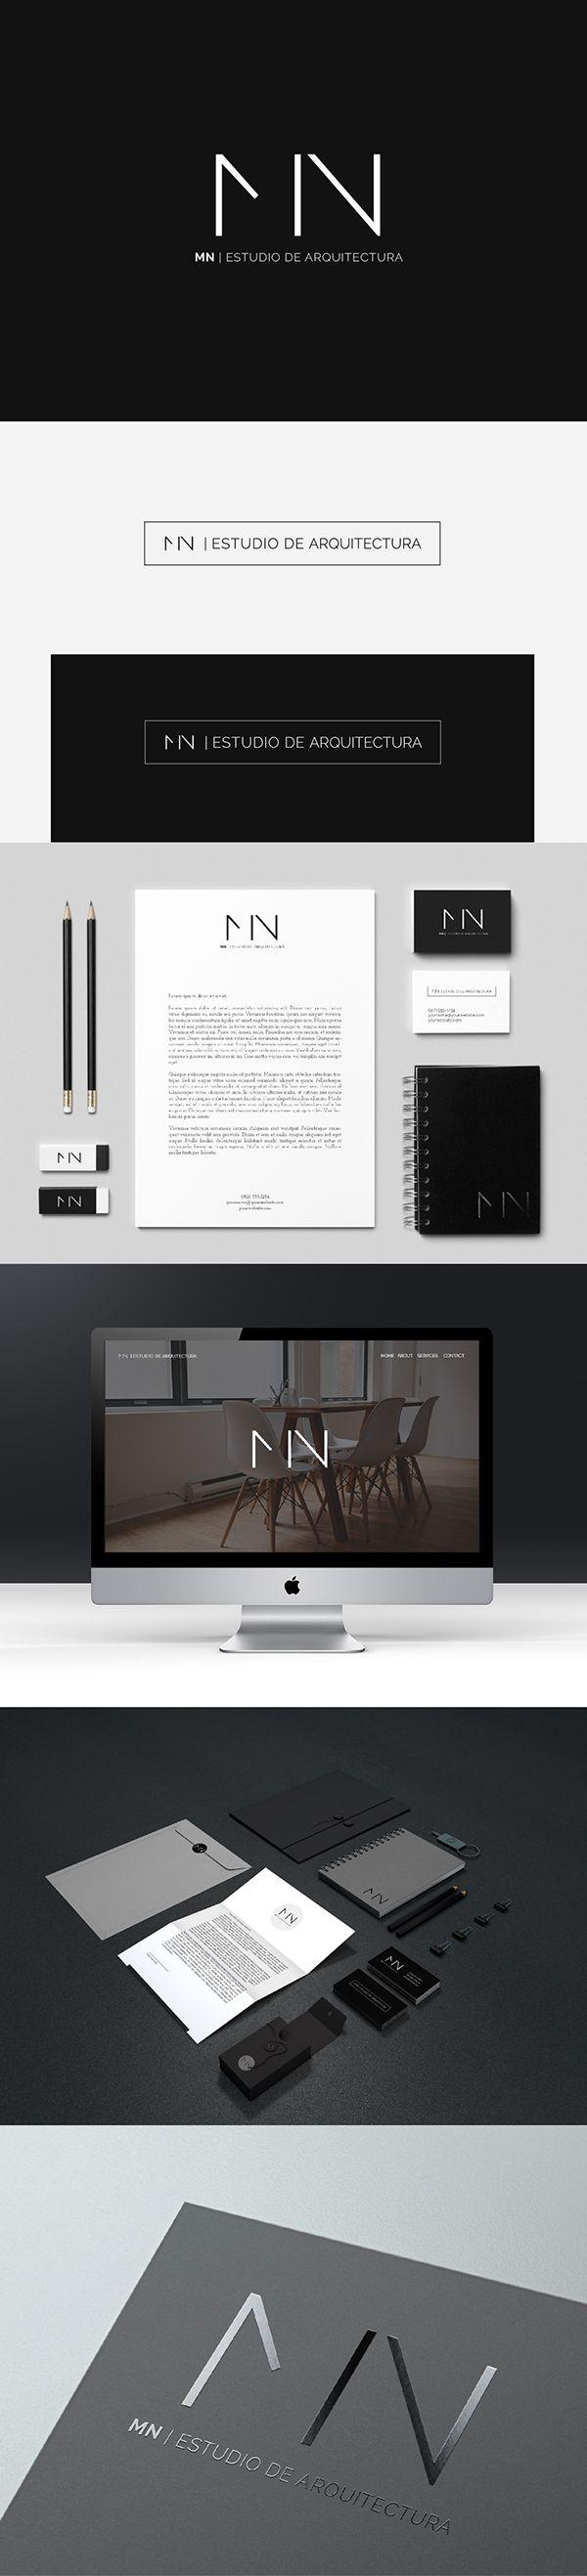 Branding para MN| ESTUDIO DE ARQUITECTURA